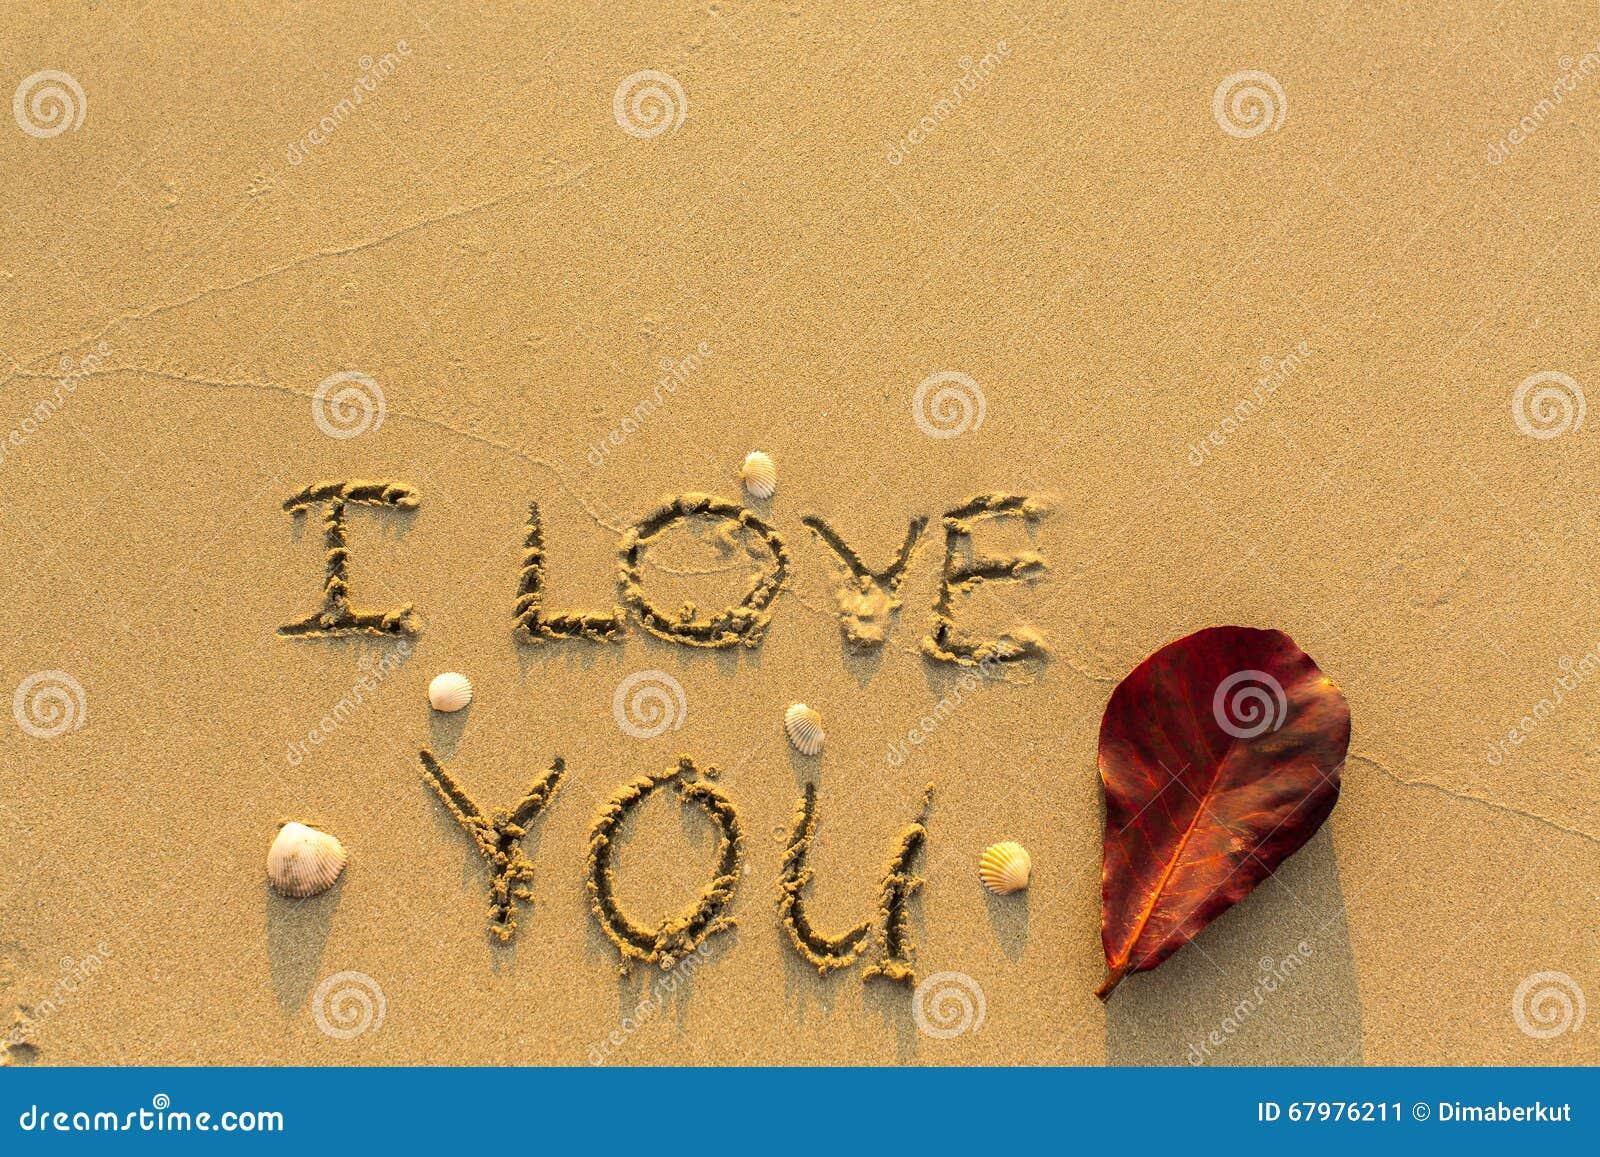 Ich Liebe Dich - Text Geschrieben Auf Sandigen Strand